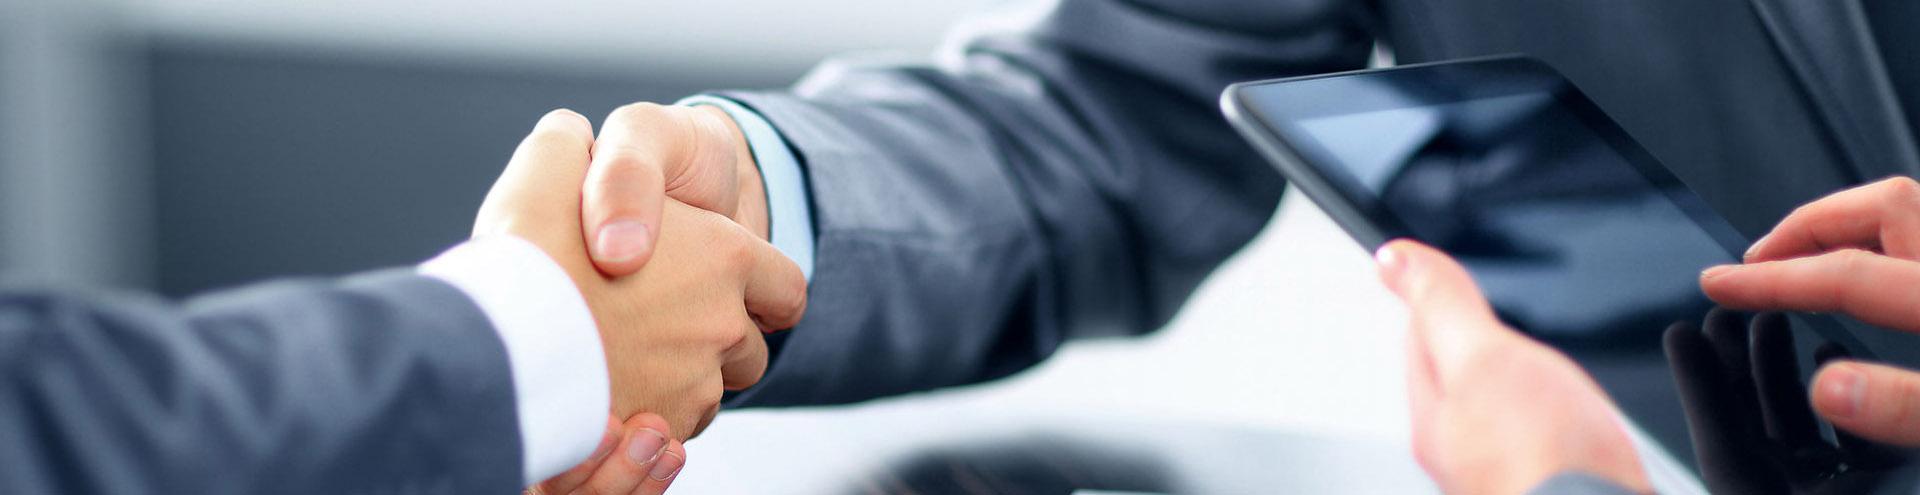 юридическое обслуживание предпринимателей в Краснодаре